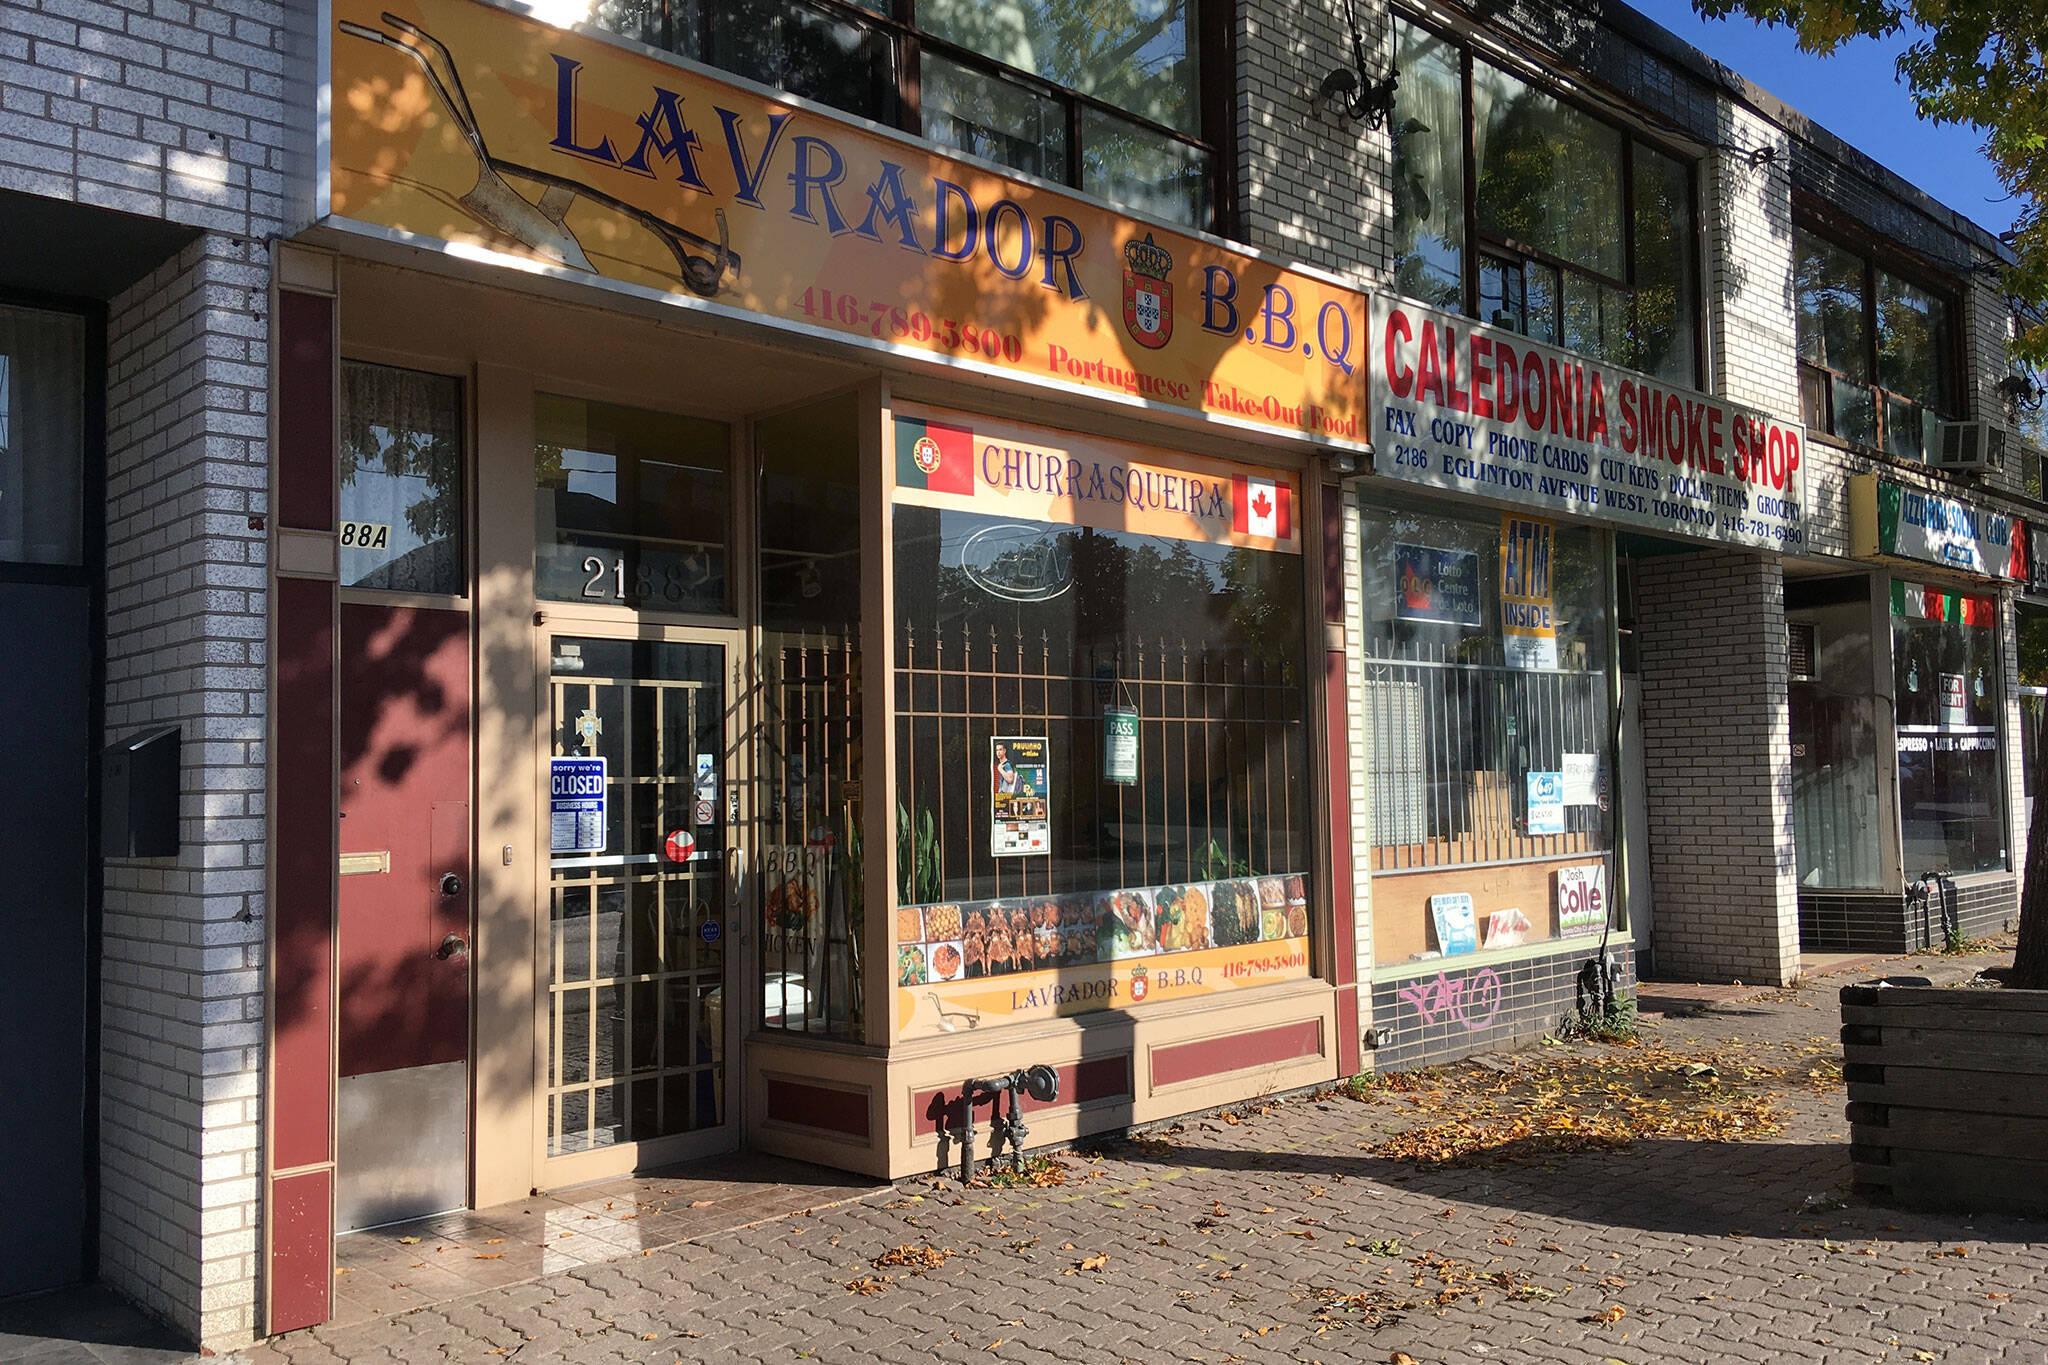 Lavrador Toronto